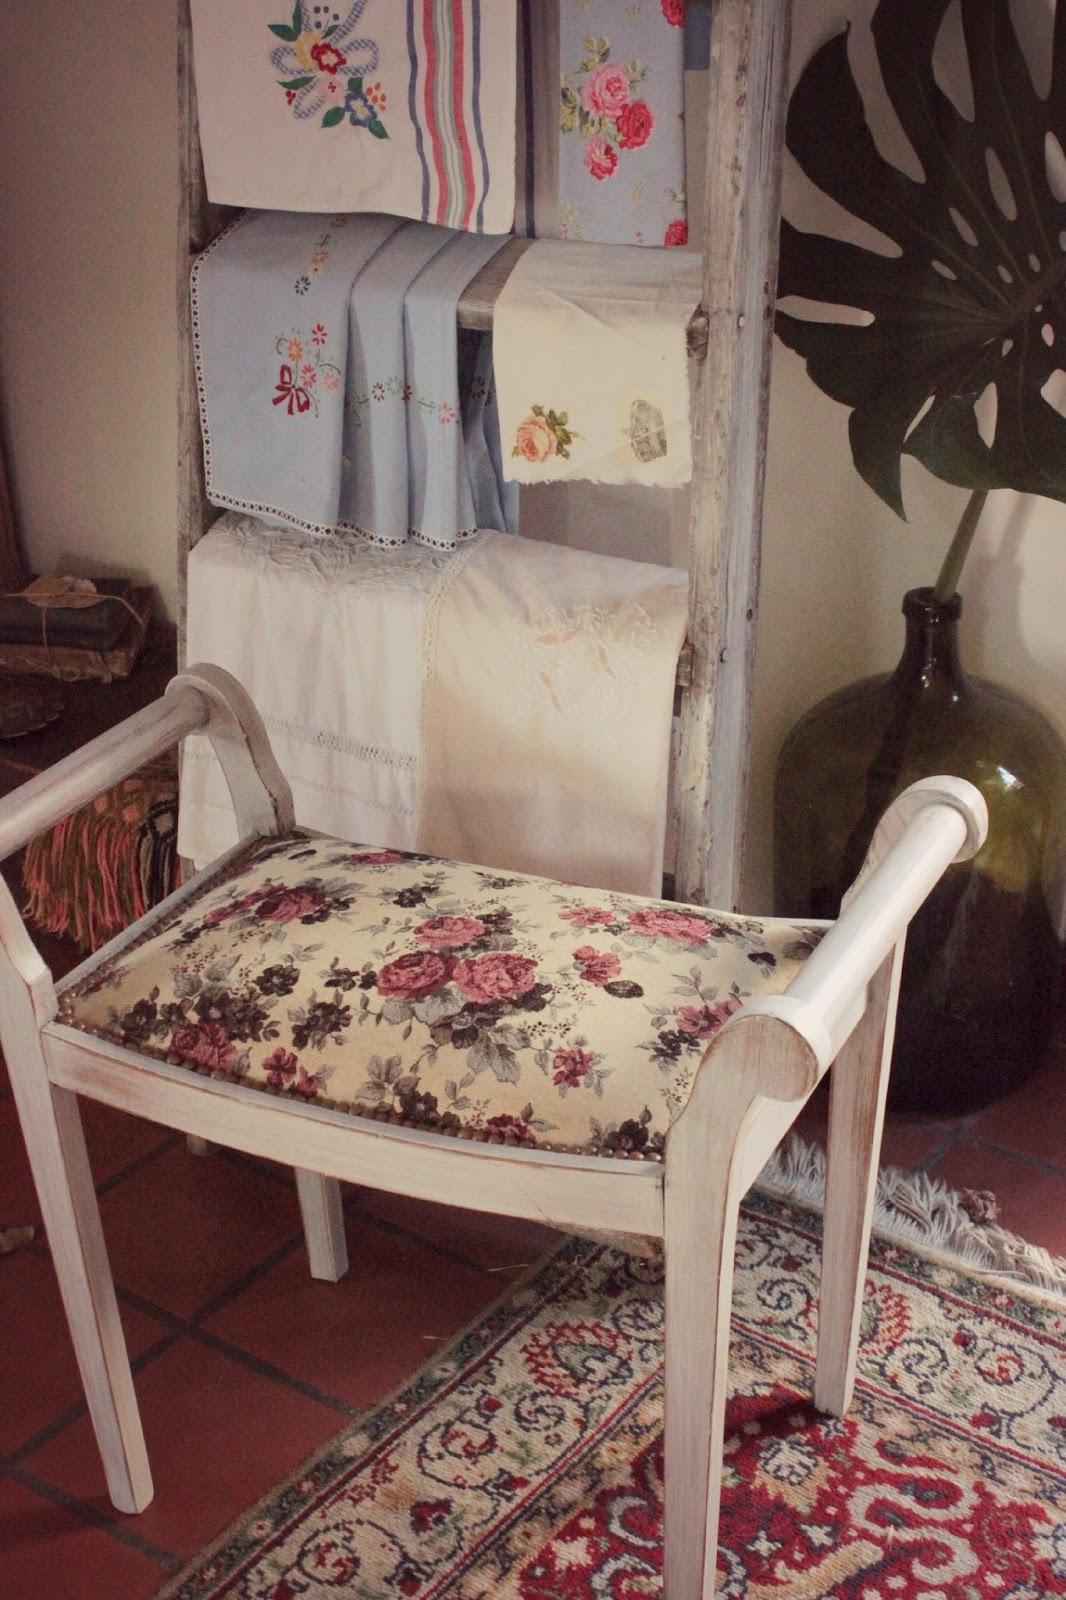 Tienda la florinda pintura y retapizado - Bancos estilo vintage ...